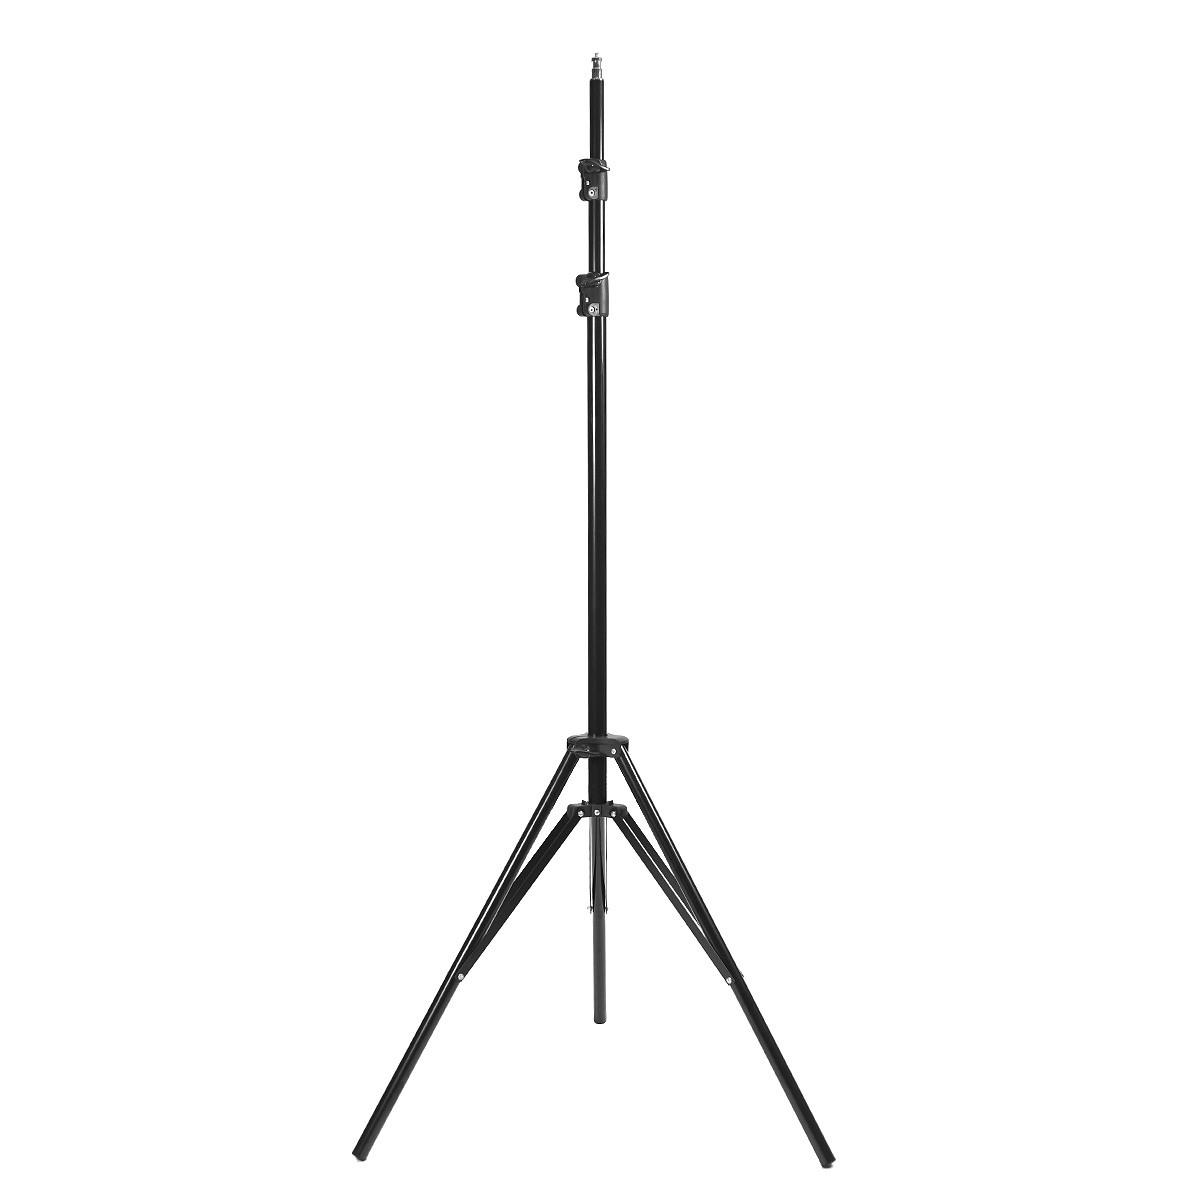 Стойка студийная Mircopro LS-8007A 2.4 м с чехлом (нагрузка 4 кг)